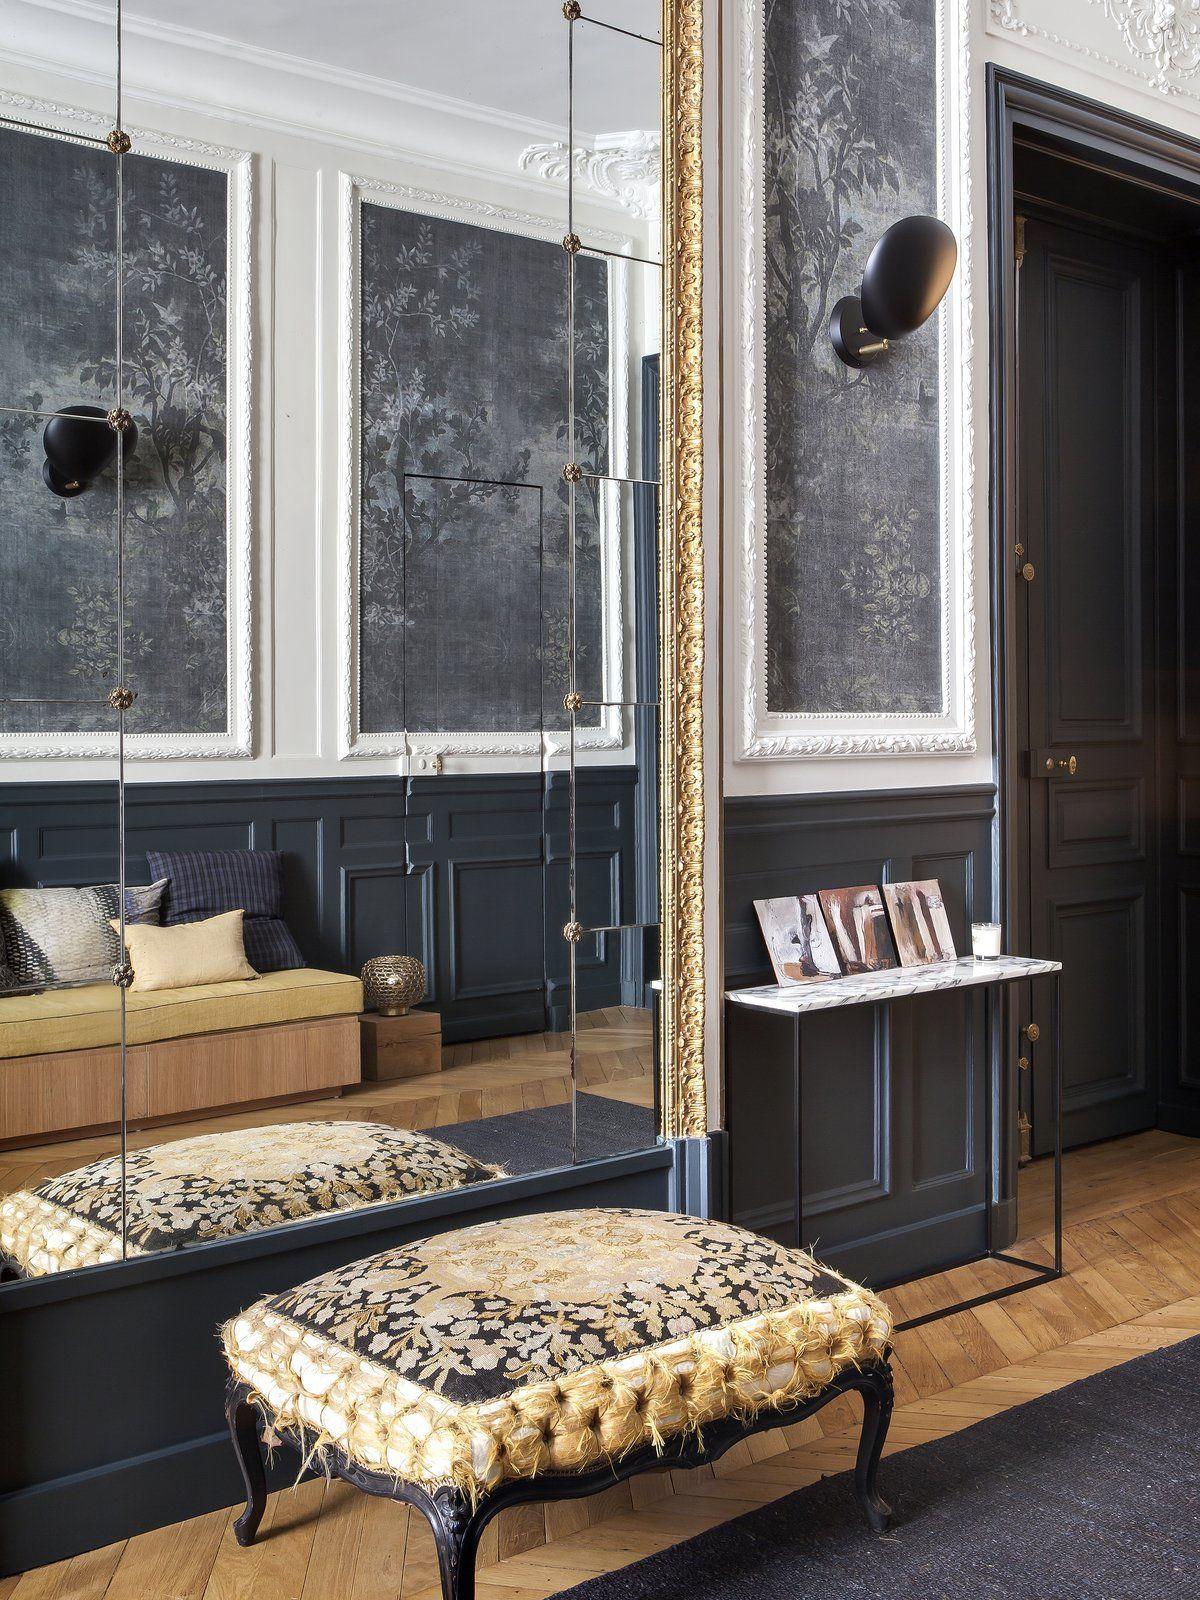 End of hallway ideas  Living Room Stools Wall Lighting Medium Hardwood Floor Rug Floor